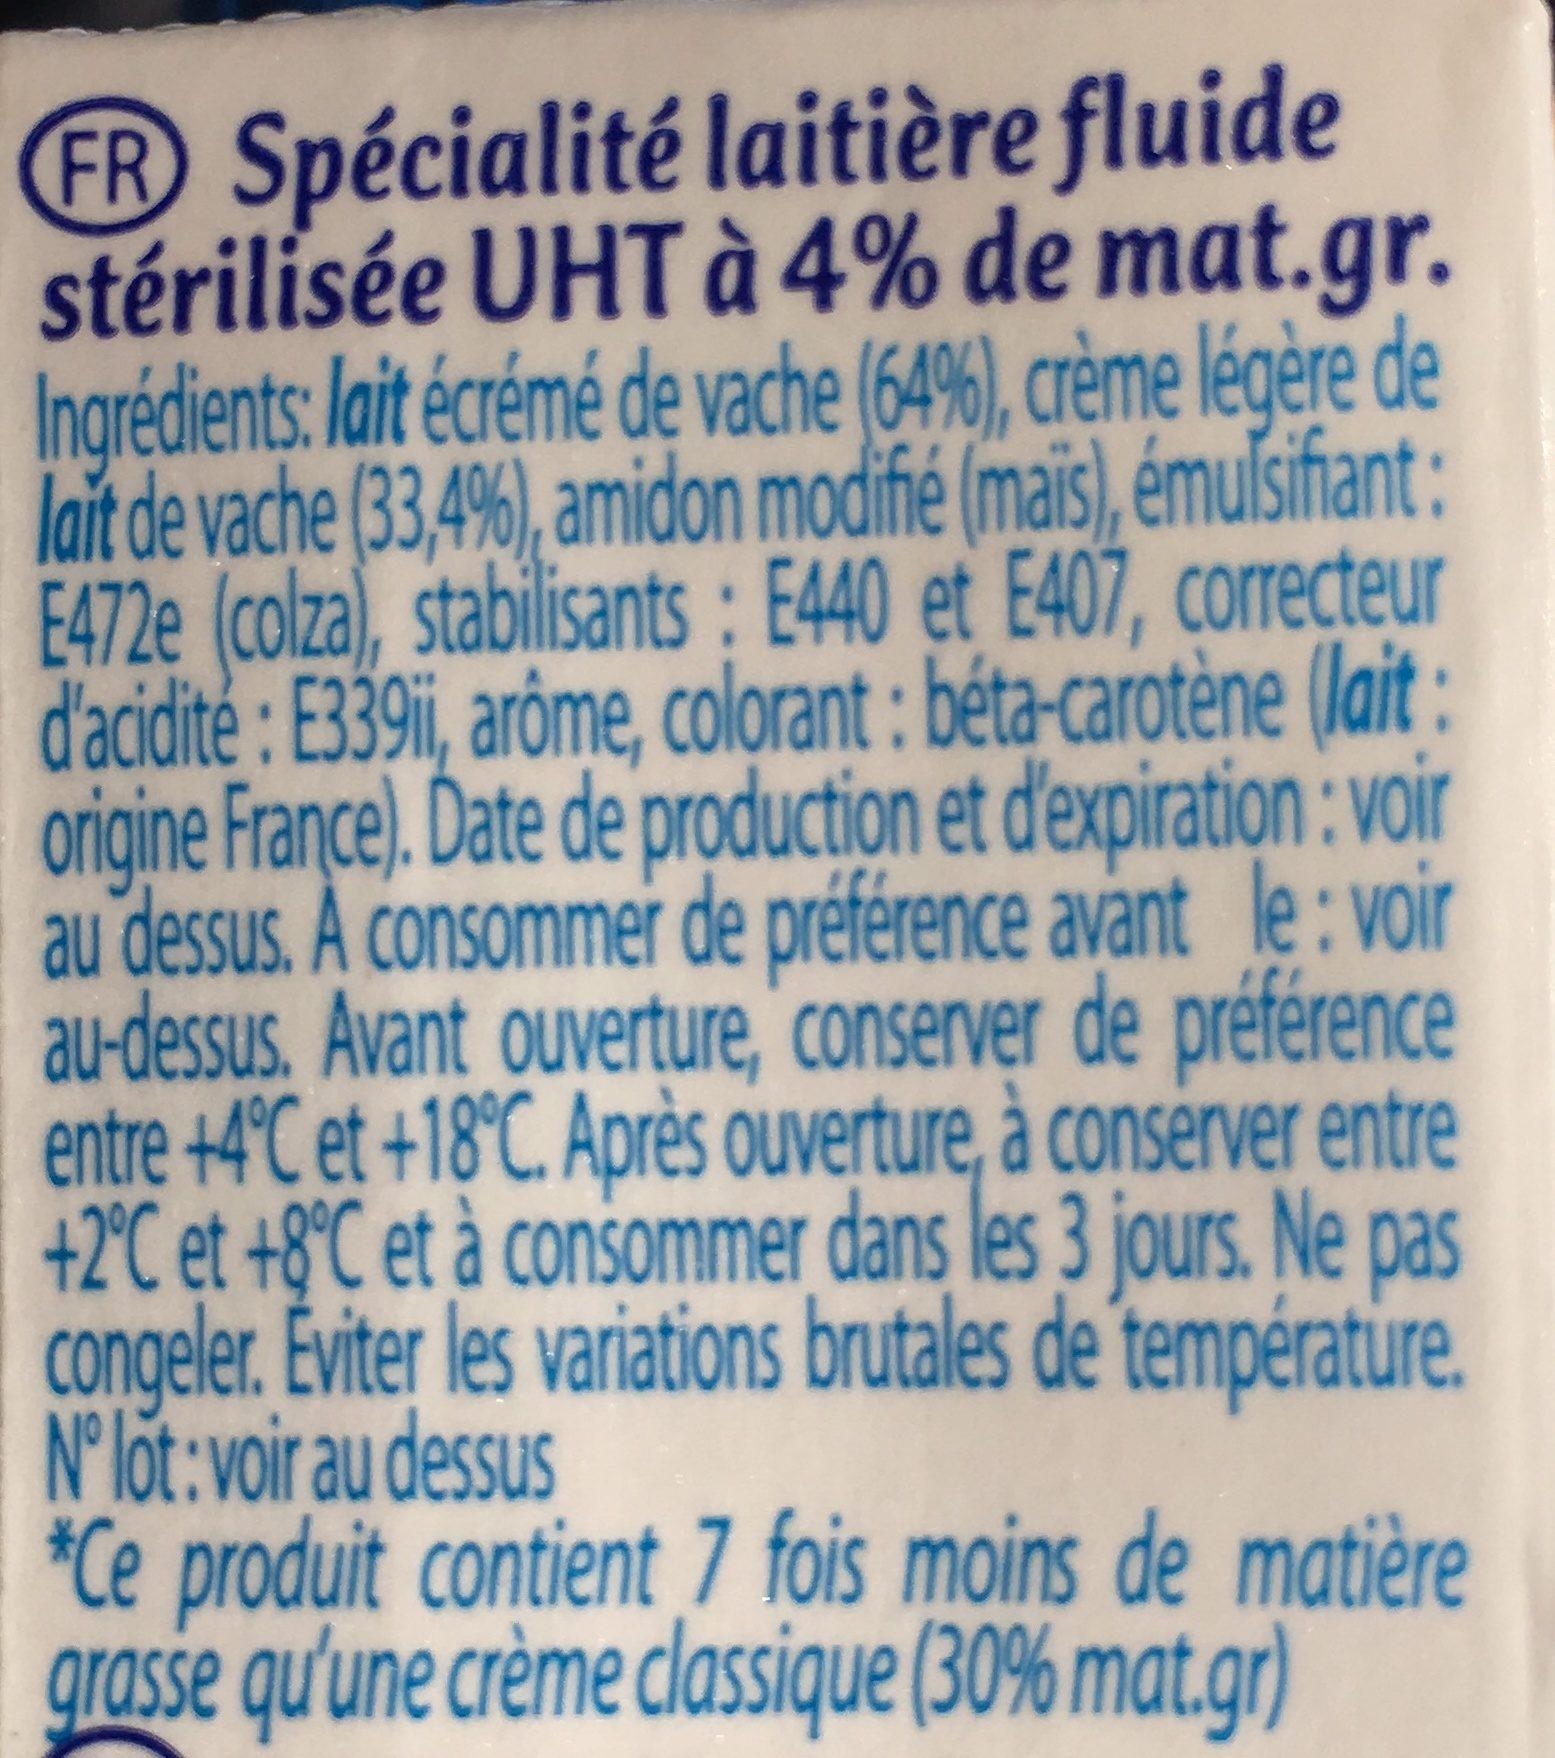 Spécialité laitière fluide stérilisée UHT à 4% de mat.gr. - Ingrédients - fr